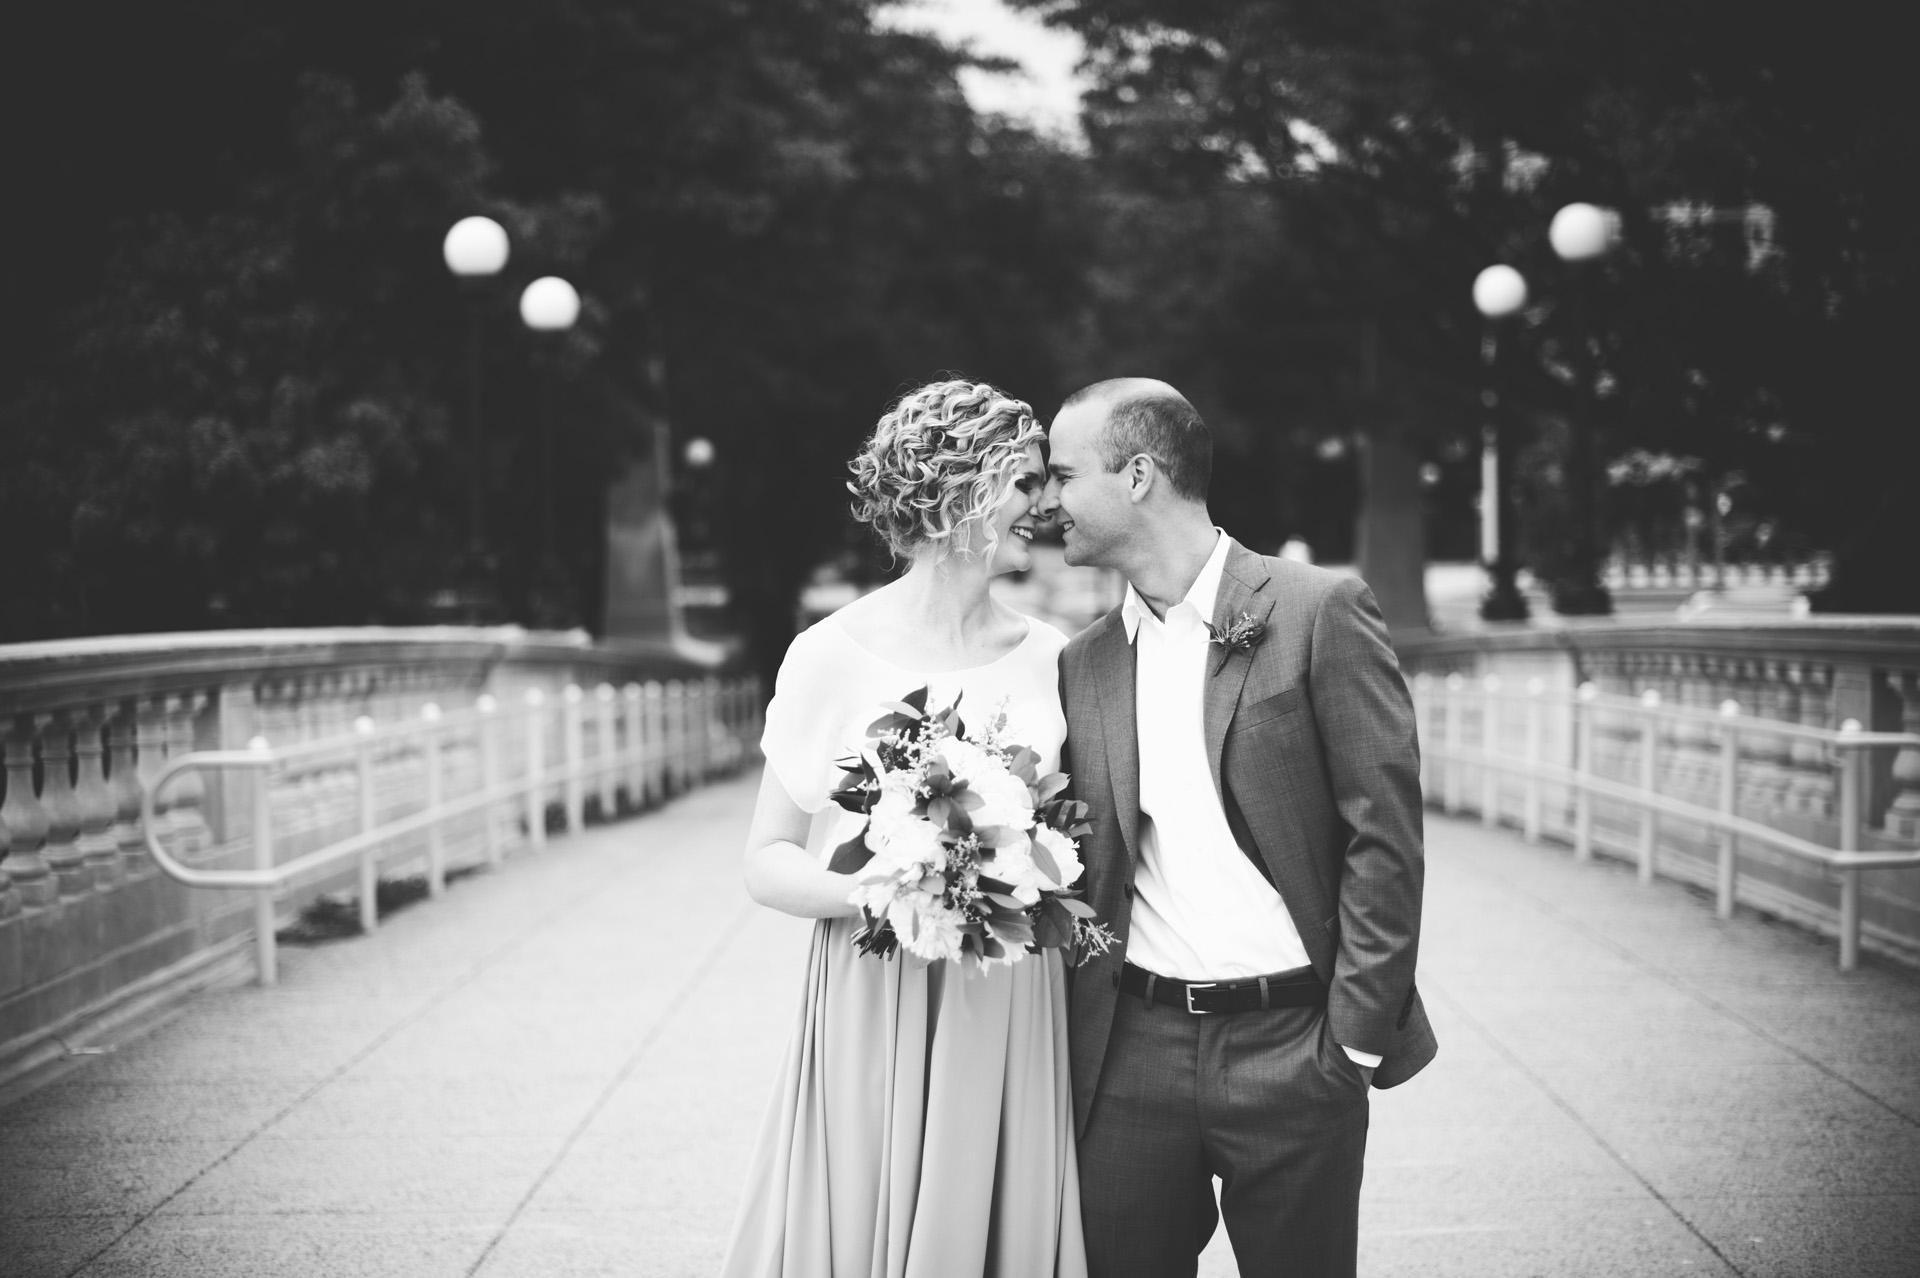 alden-harlow-wedding-photographer-21